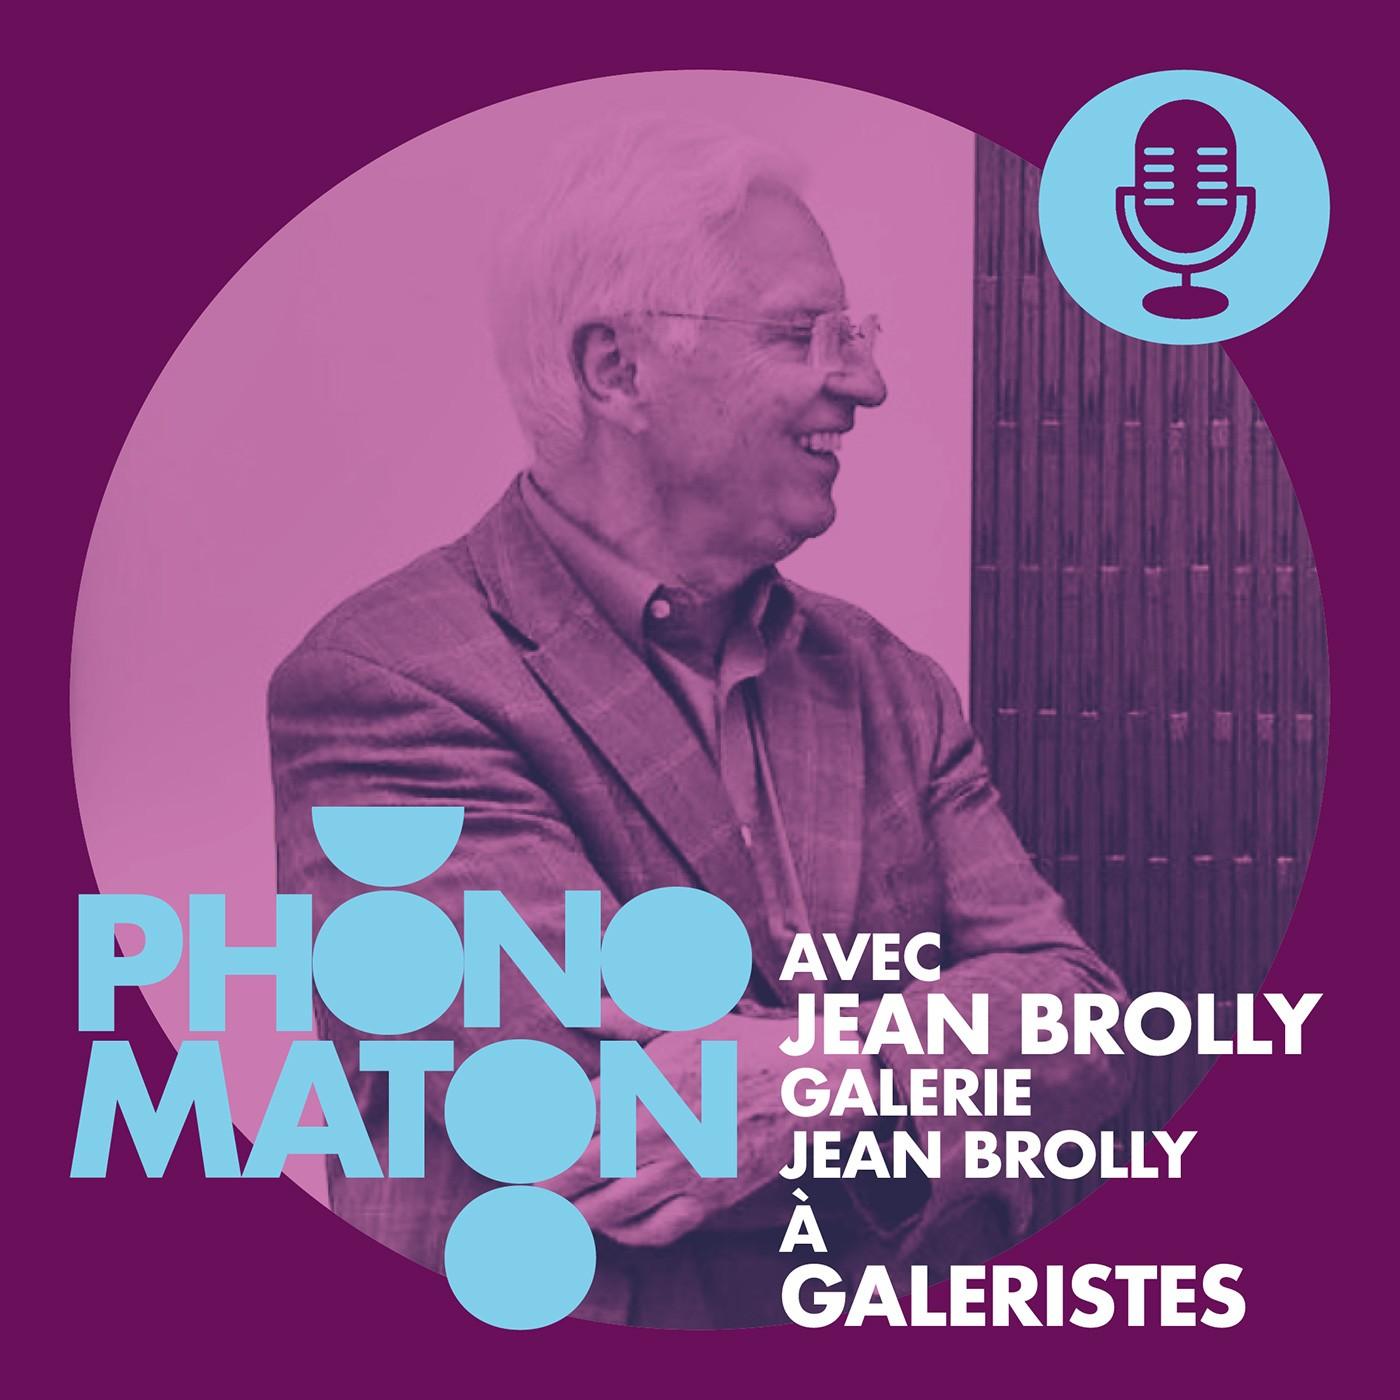 Phonomaton avec Jean Brolly à Galeristes